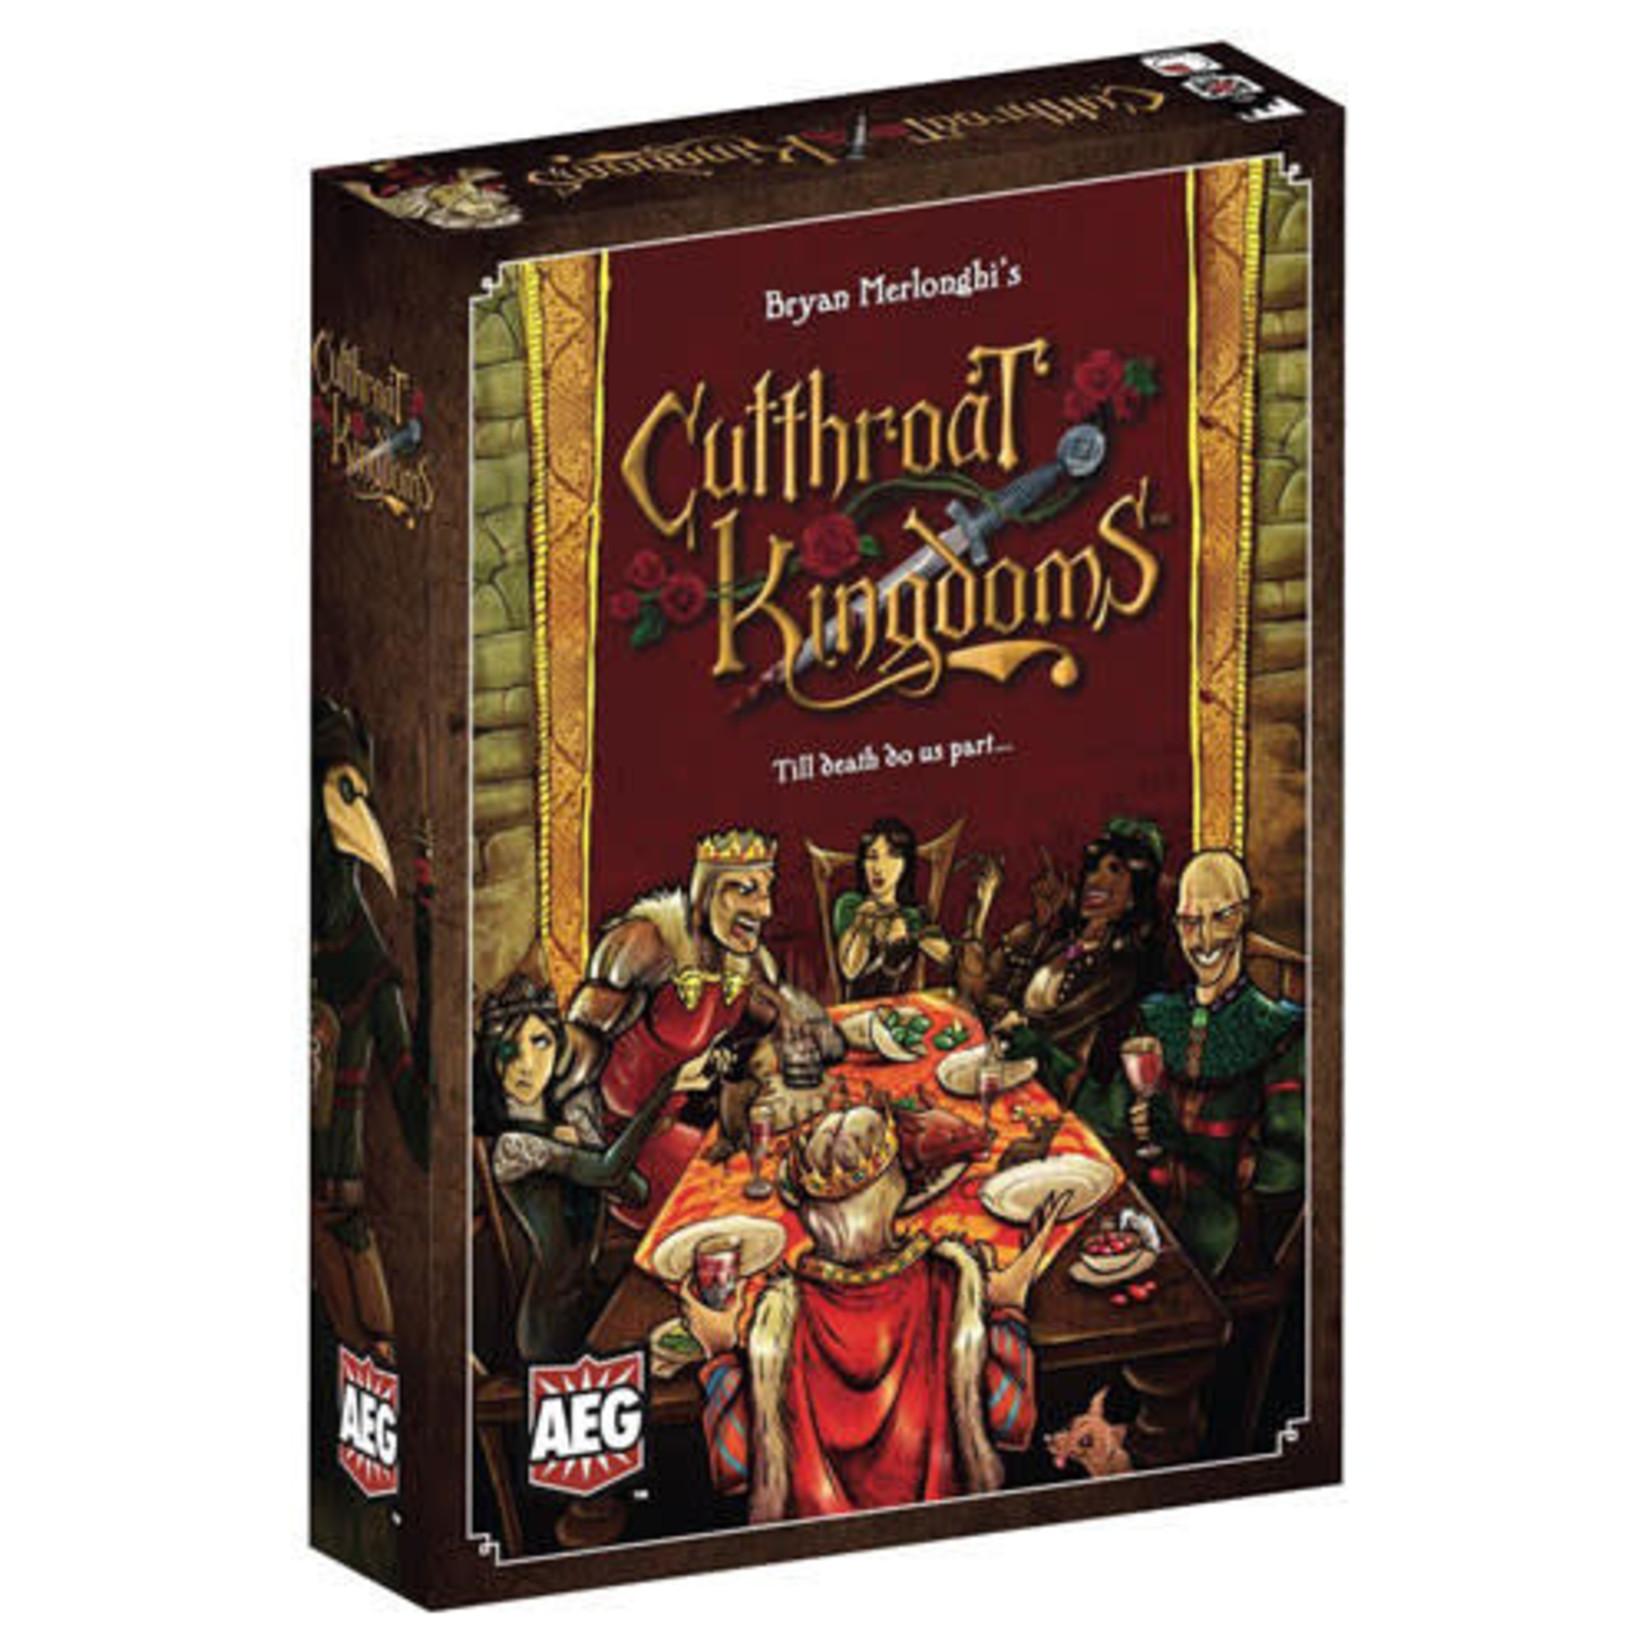 Cutthroat Kingdoms board Game